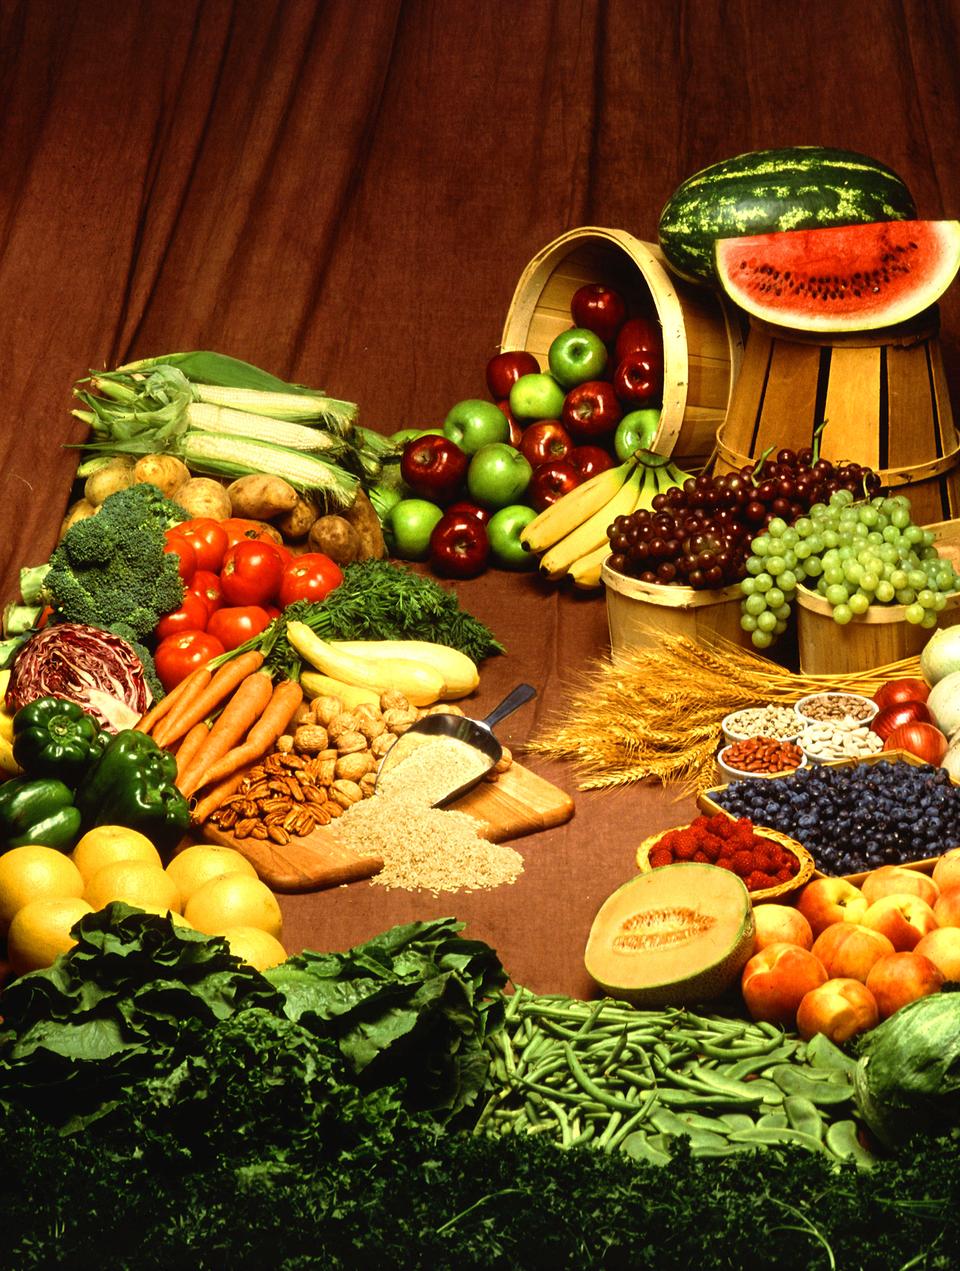 Fotografia przedstawiająca warzywa iowoce bogate wcukry: jabłka, arbuzy, pomidory, brokuły, winogrona, marchew, jagody, kapusta